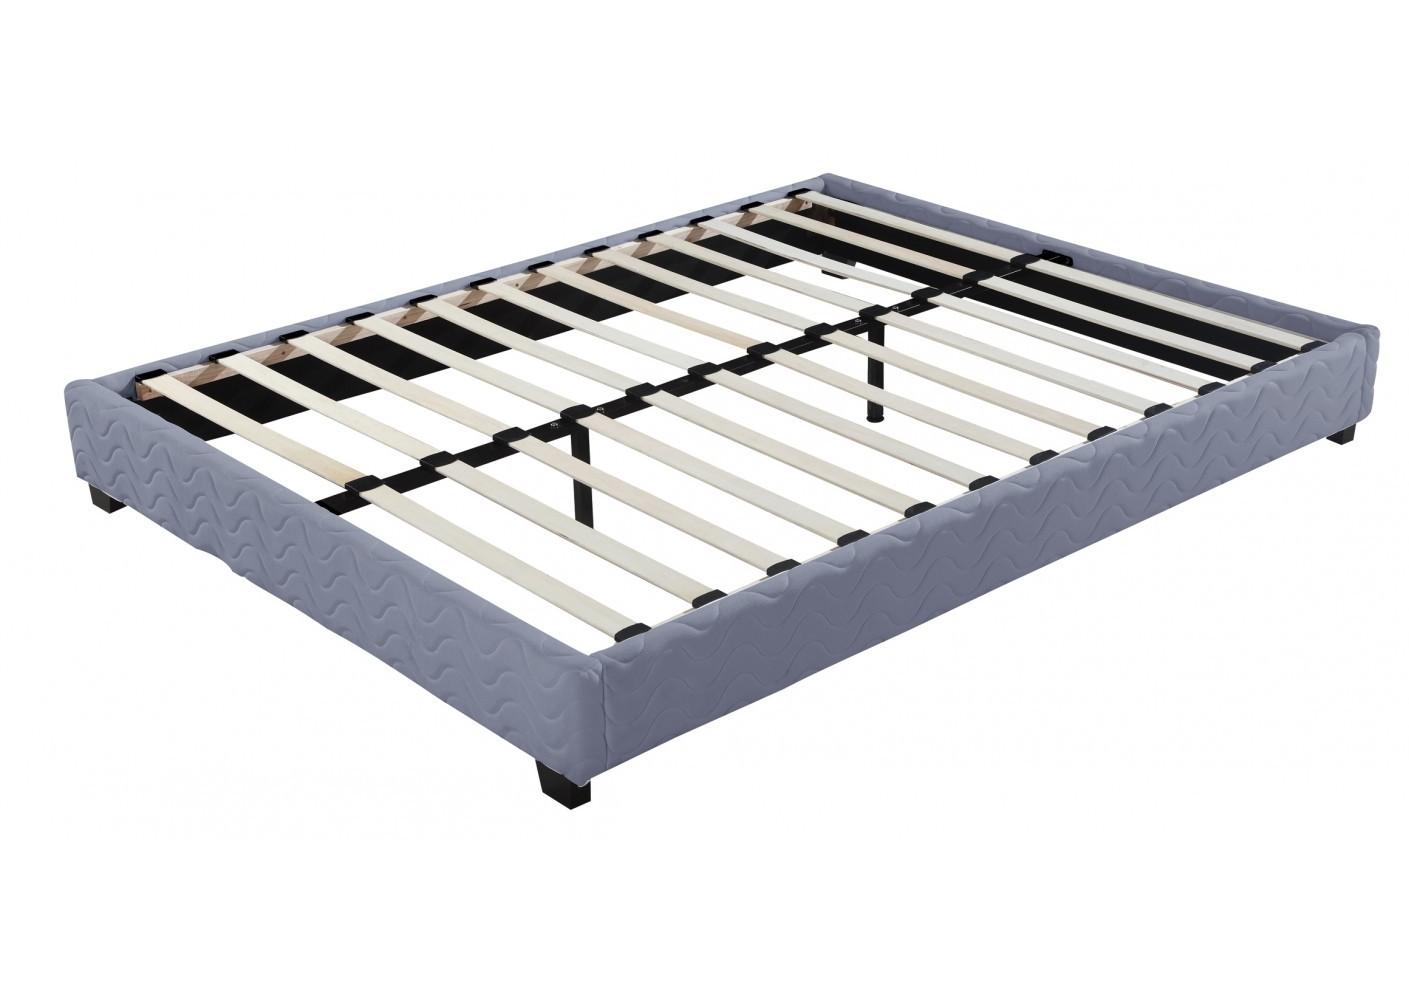 sommier tapissier diva 140 x 190 cm gris. Black Bedroom Furniture Sets. Home Design Ideas